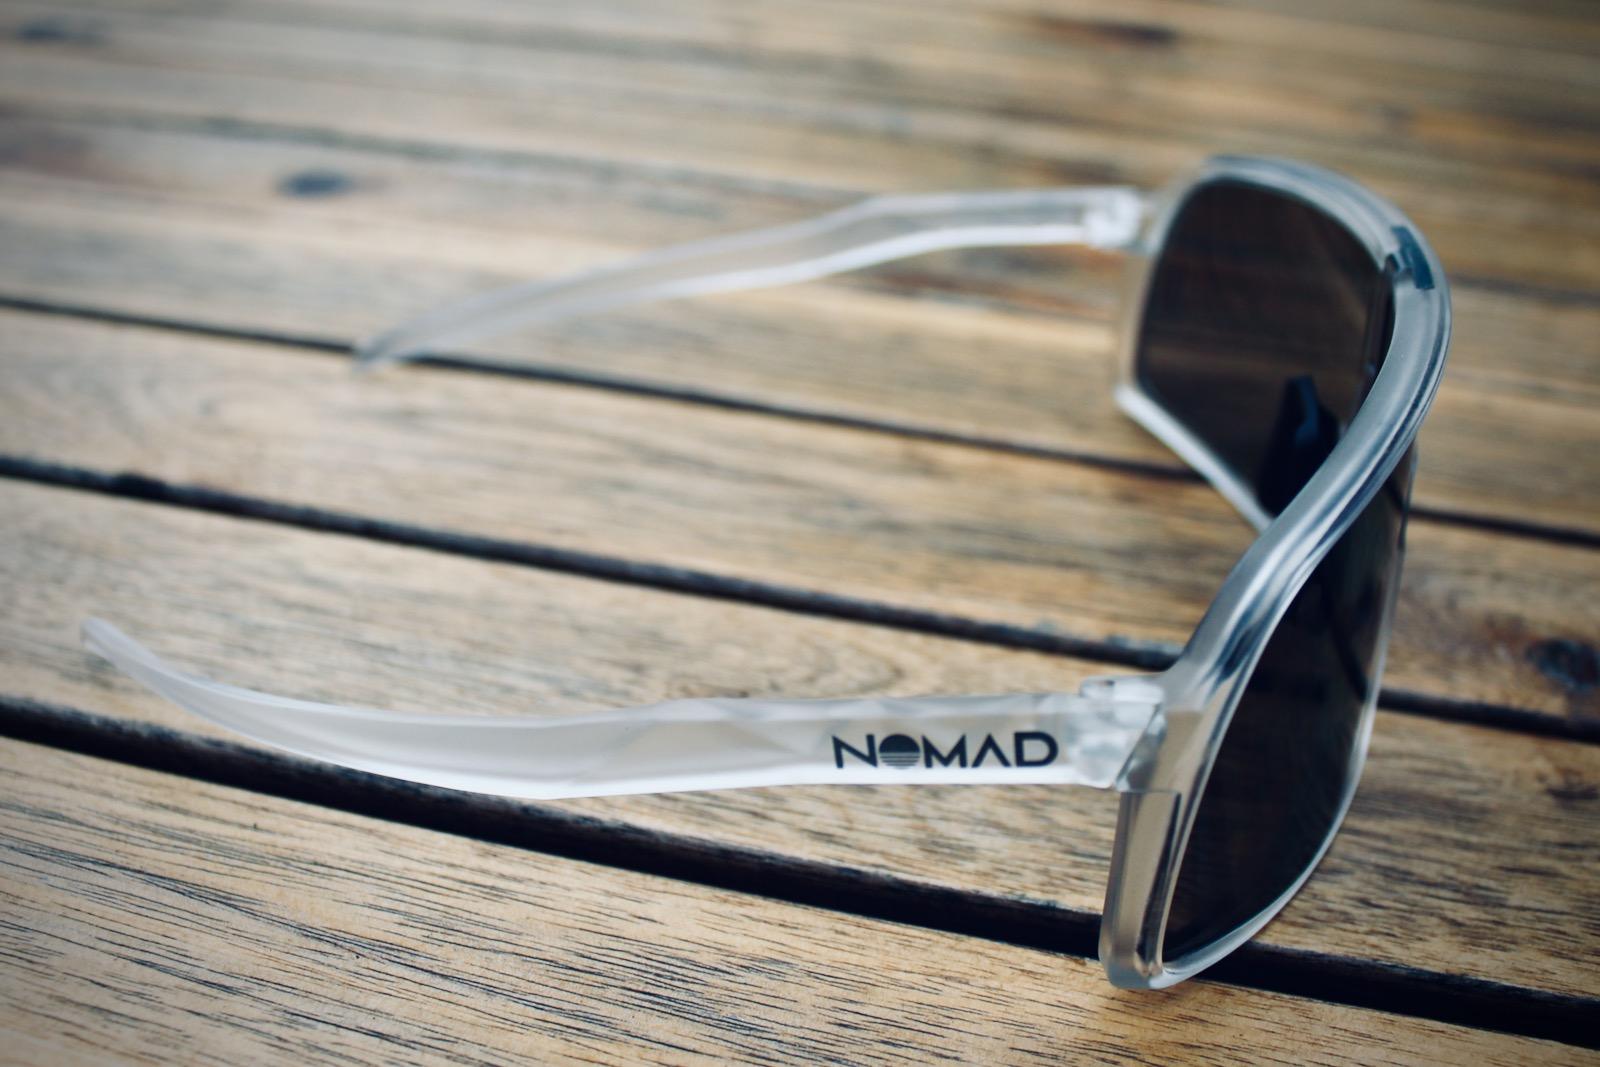 Nomad Eyewear Cycling Sunglasses